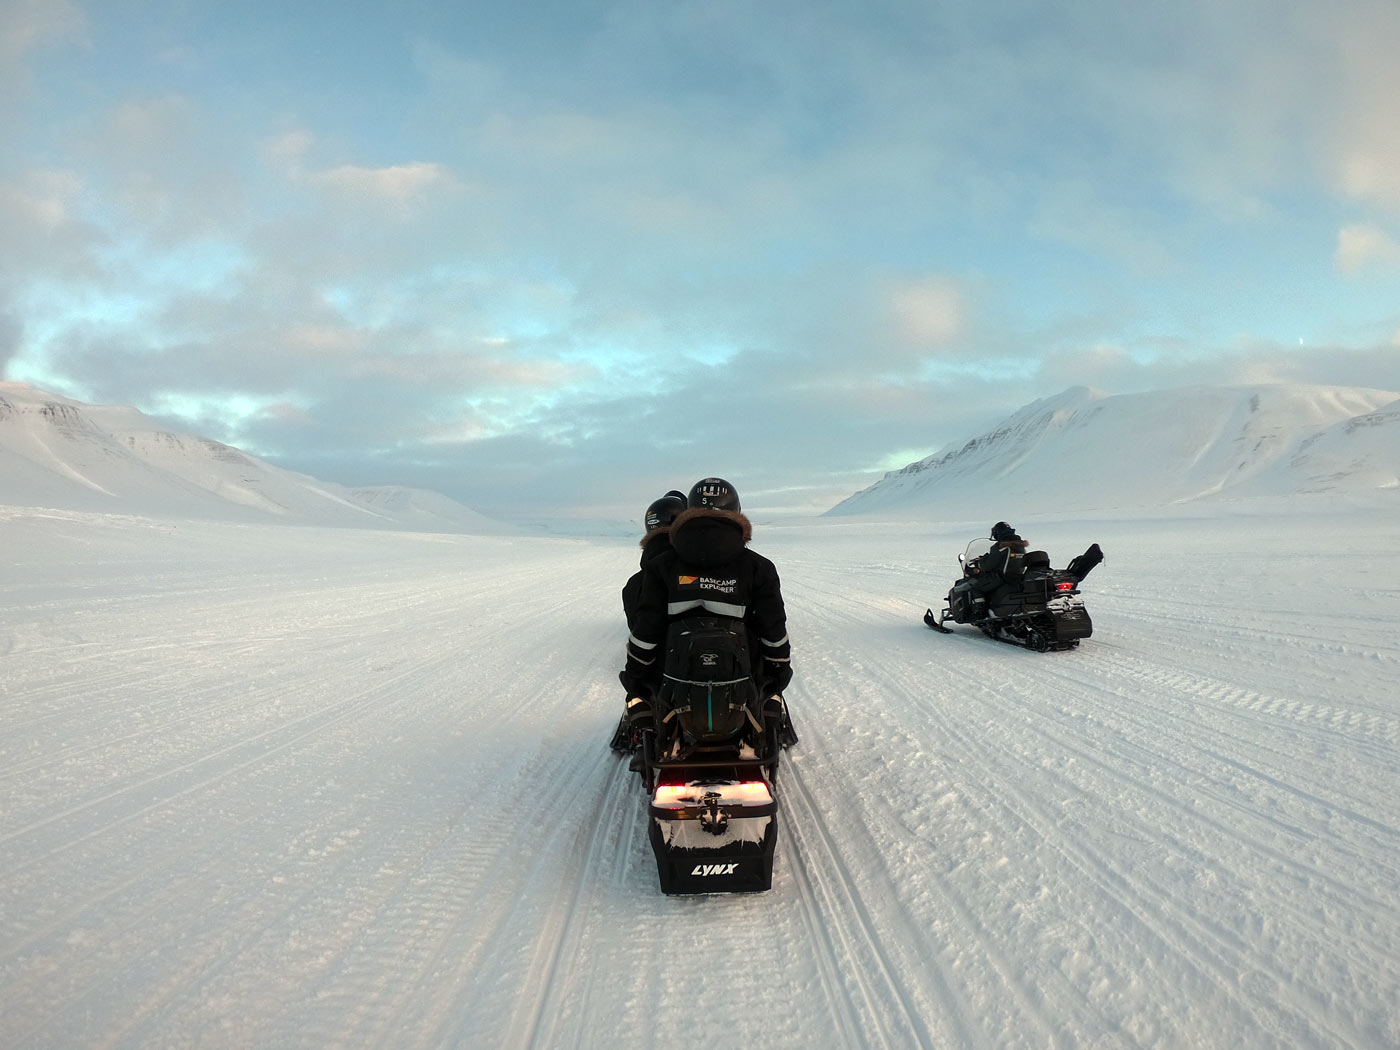 Spitzbergen Reise - Aktivitäten, Ausflüge und Touren in der Arktis im Winter